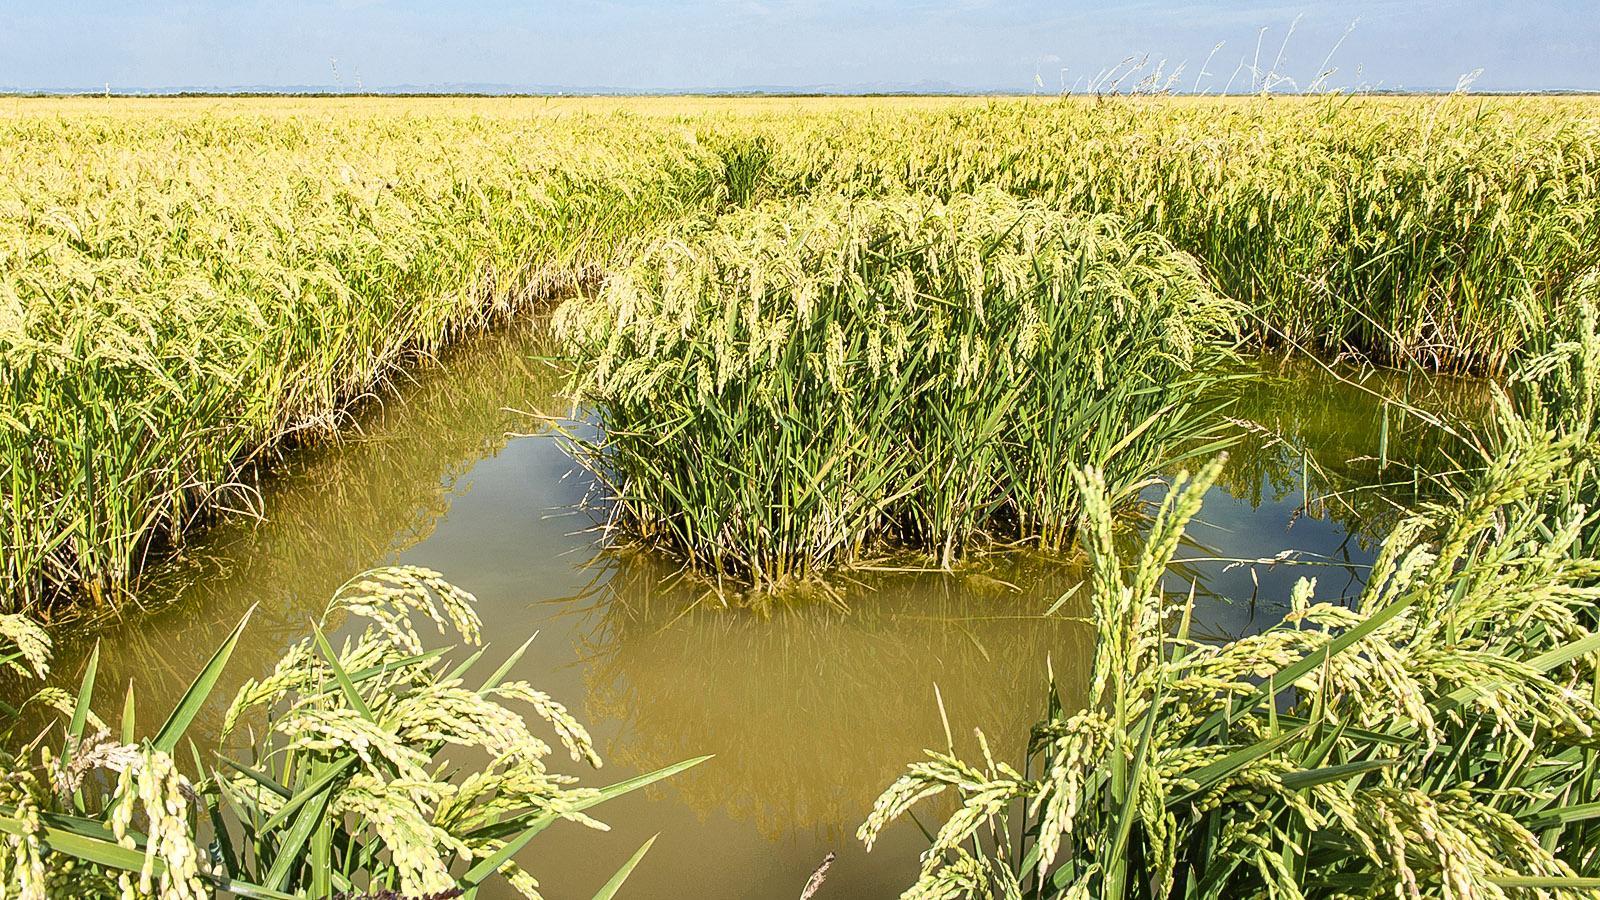 Bis an den Horizont erstrecken sich die Reisfelder. Foto: Hilke Maunder